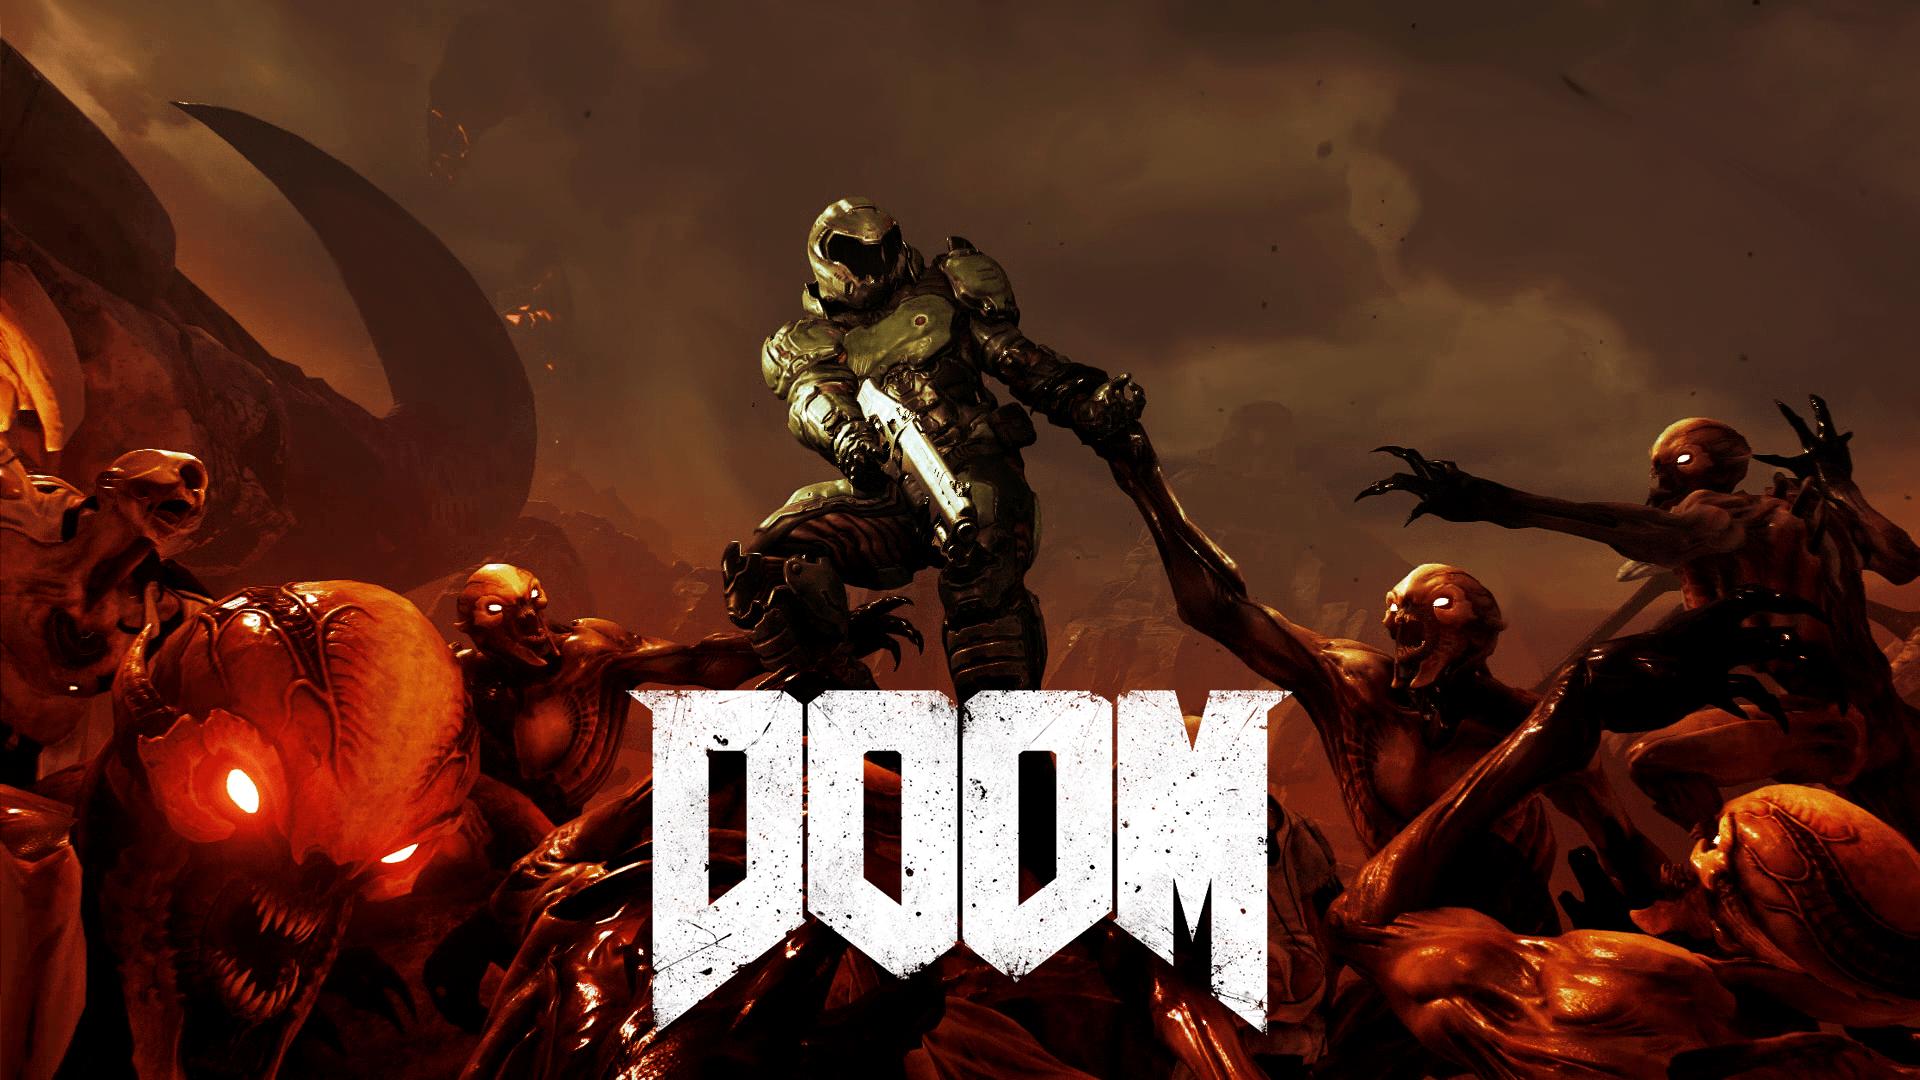 Doom 2016 Wallpapers Wallpaper Cave